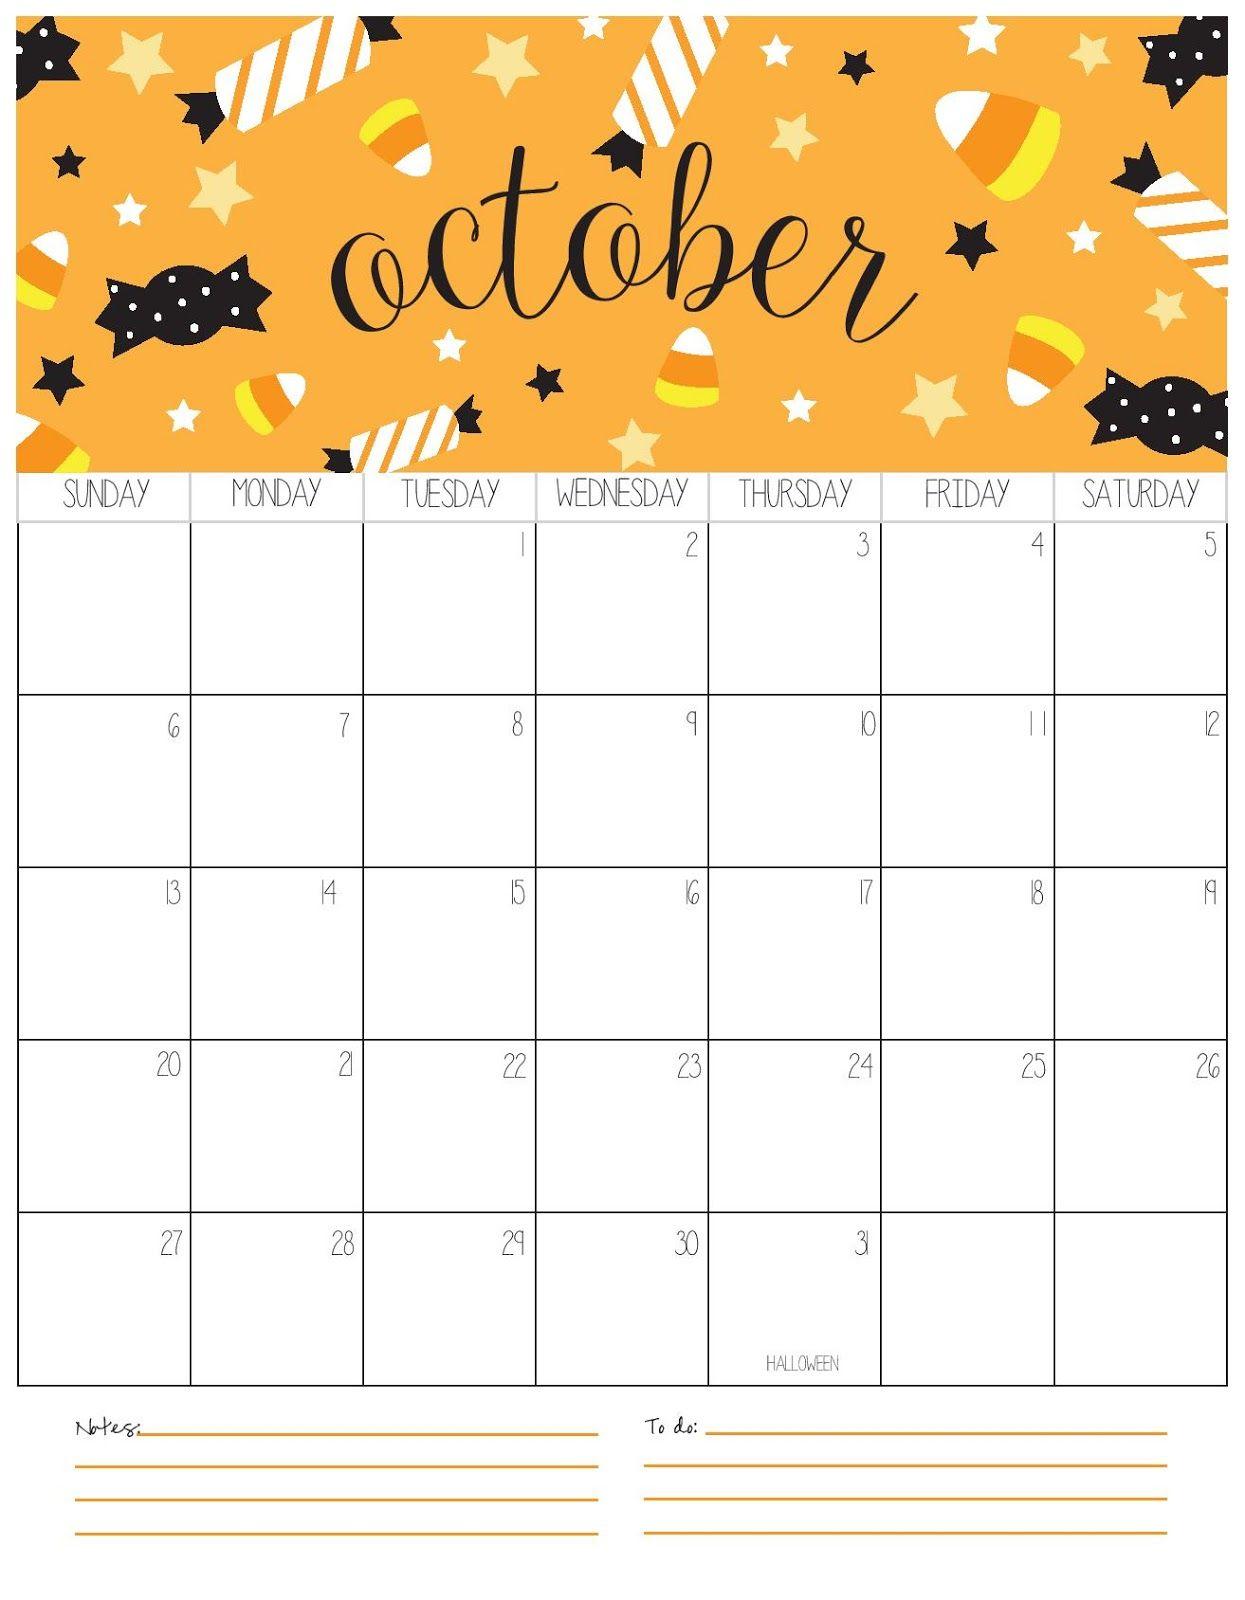 kalender 2019 zum ausdrucken für kinder  calendar